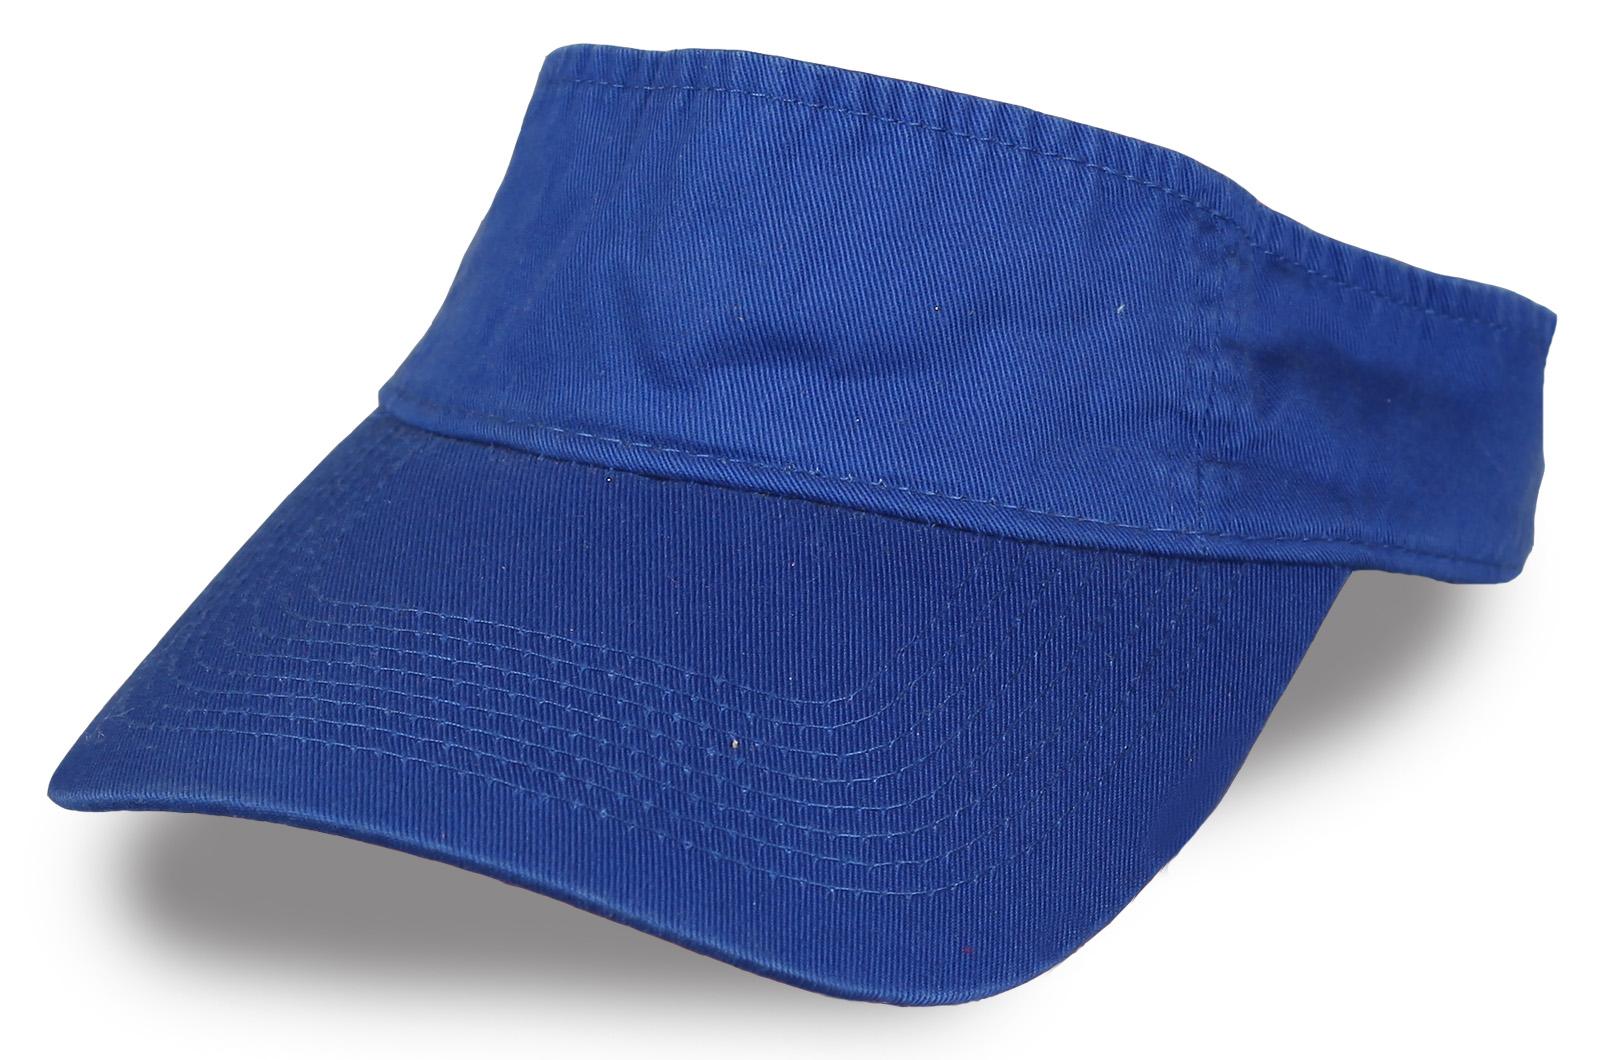 Синий козырек - купить в интернет-магазине с доставкой